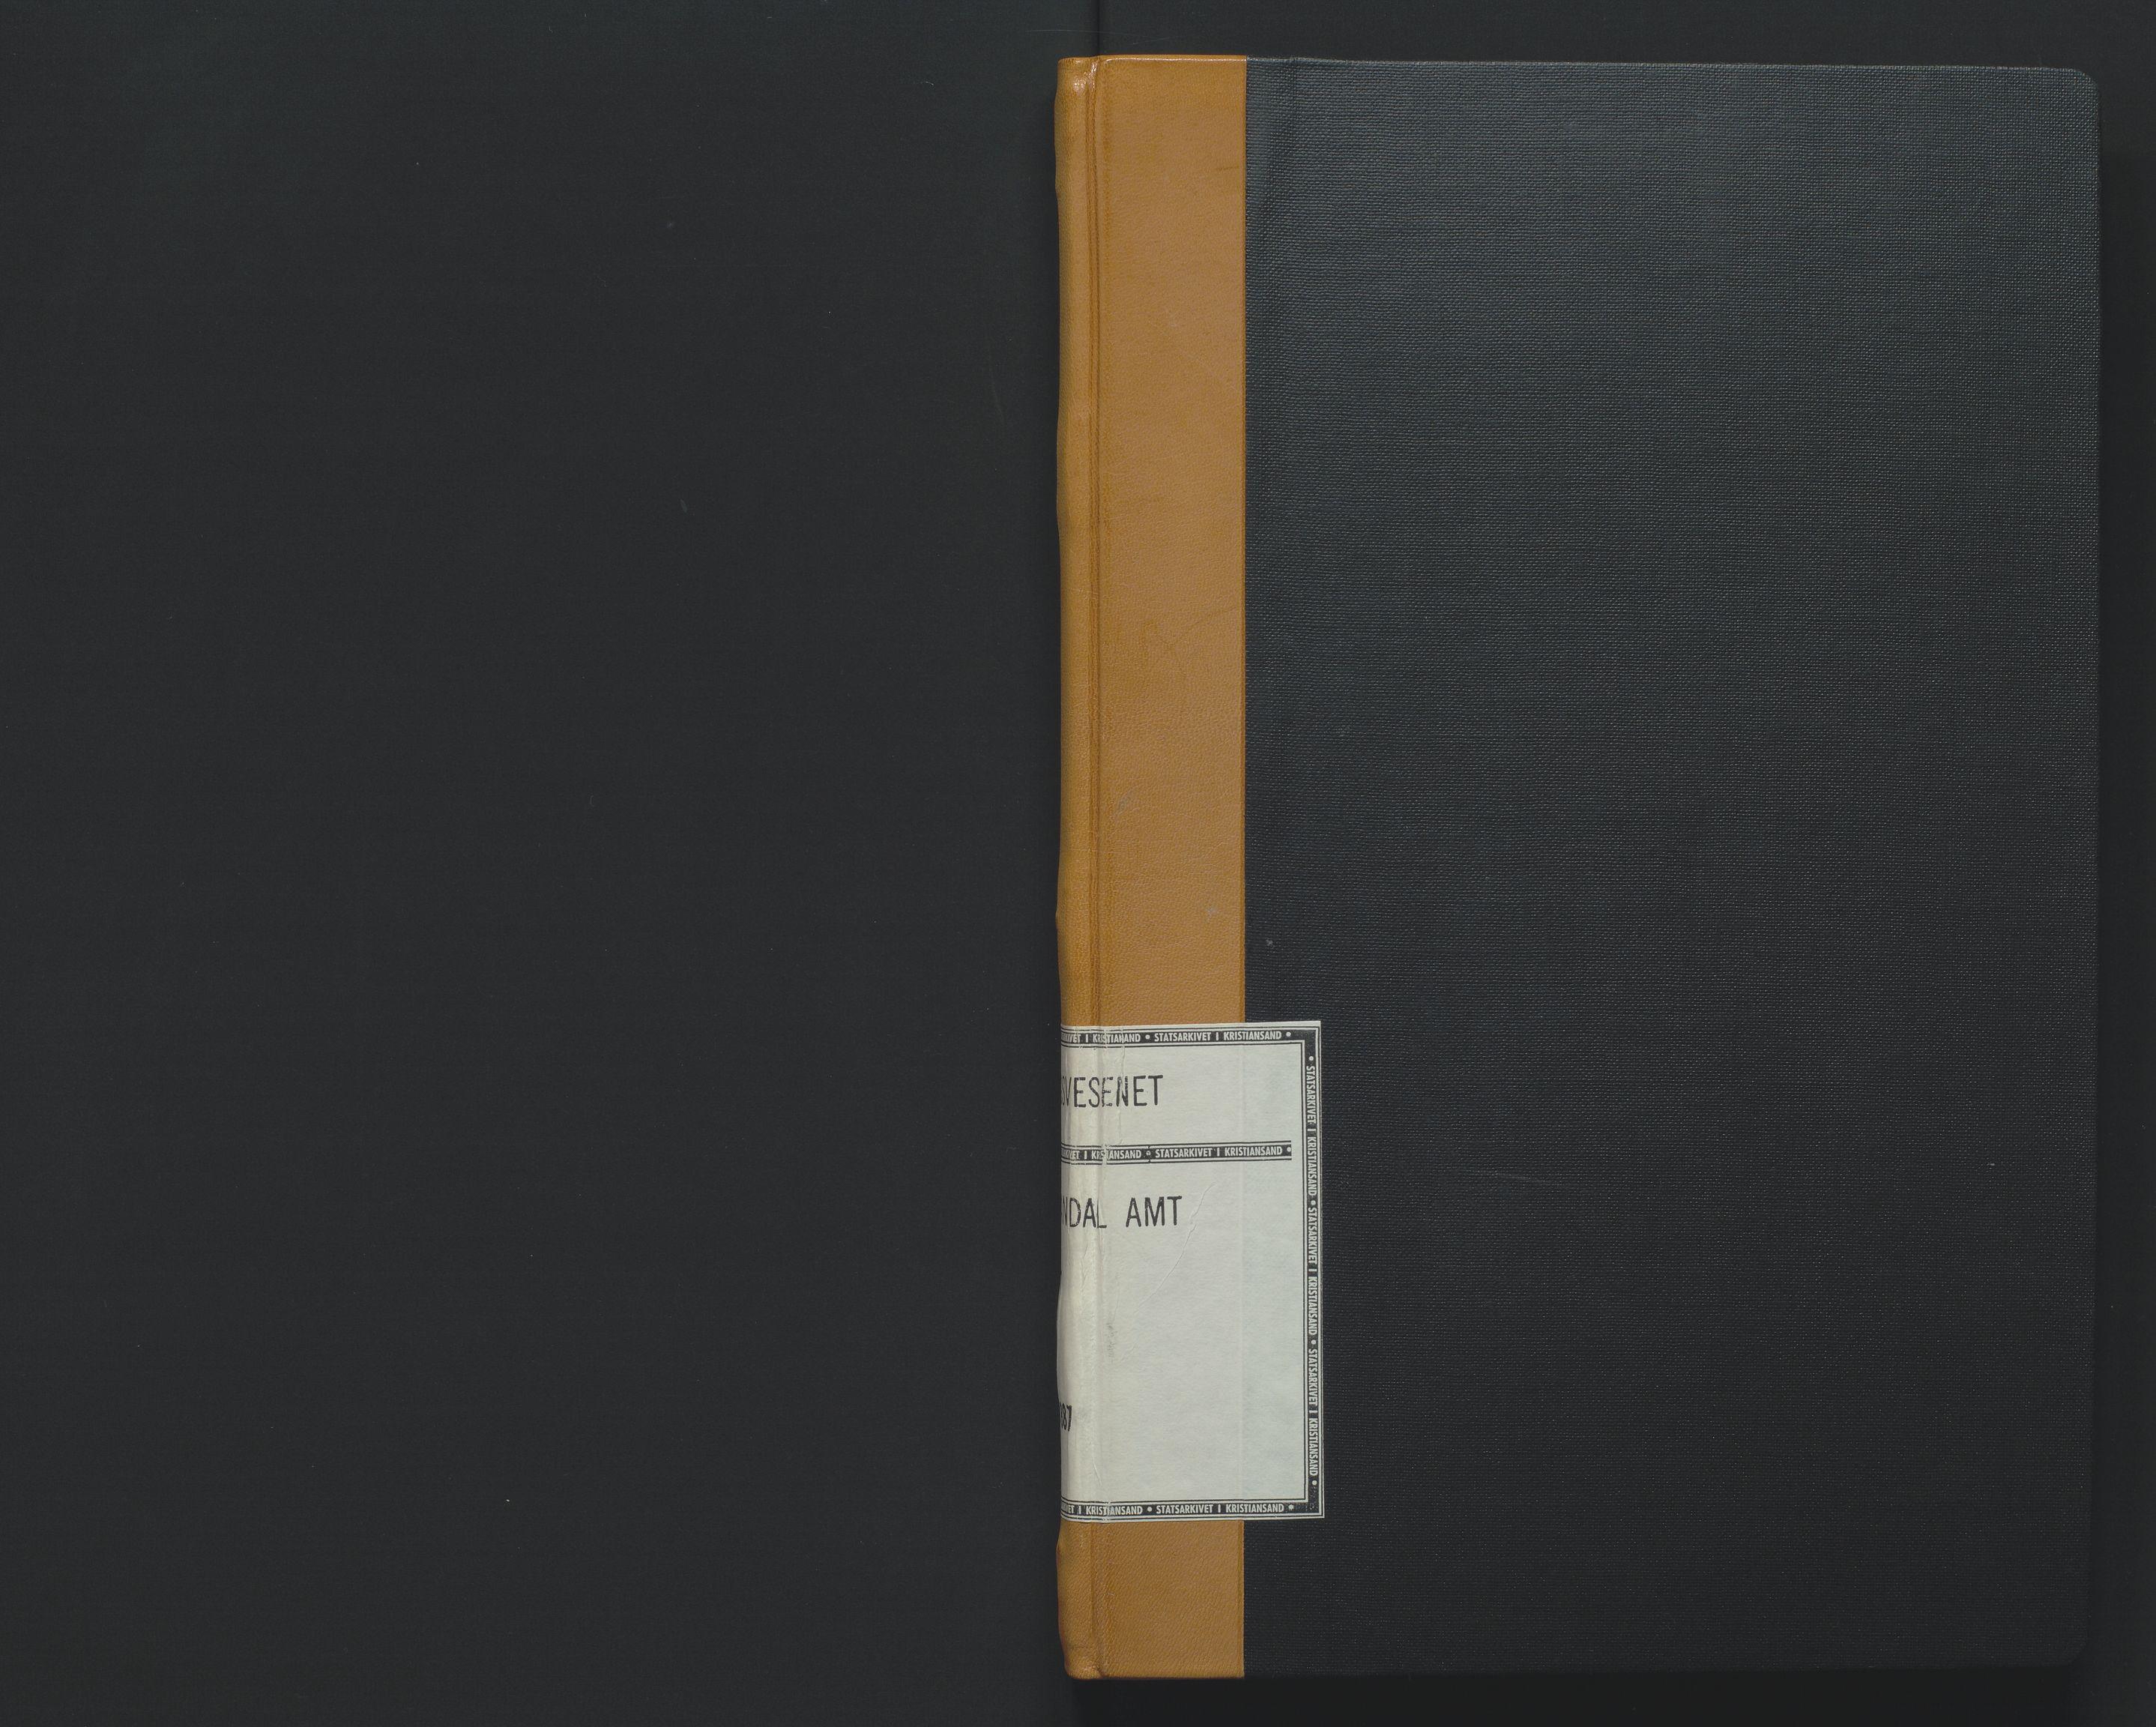 SAK, Utskiftningsformannen i Lister og Mandal amt, F/Fa/Faa/L0017: Utskiftningsprotokoll med register nr 17, 1885-1887